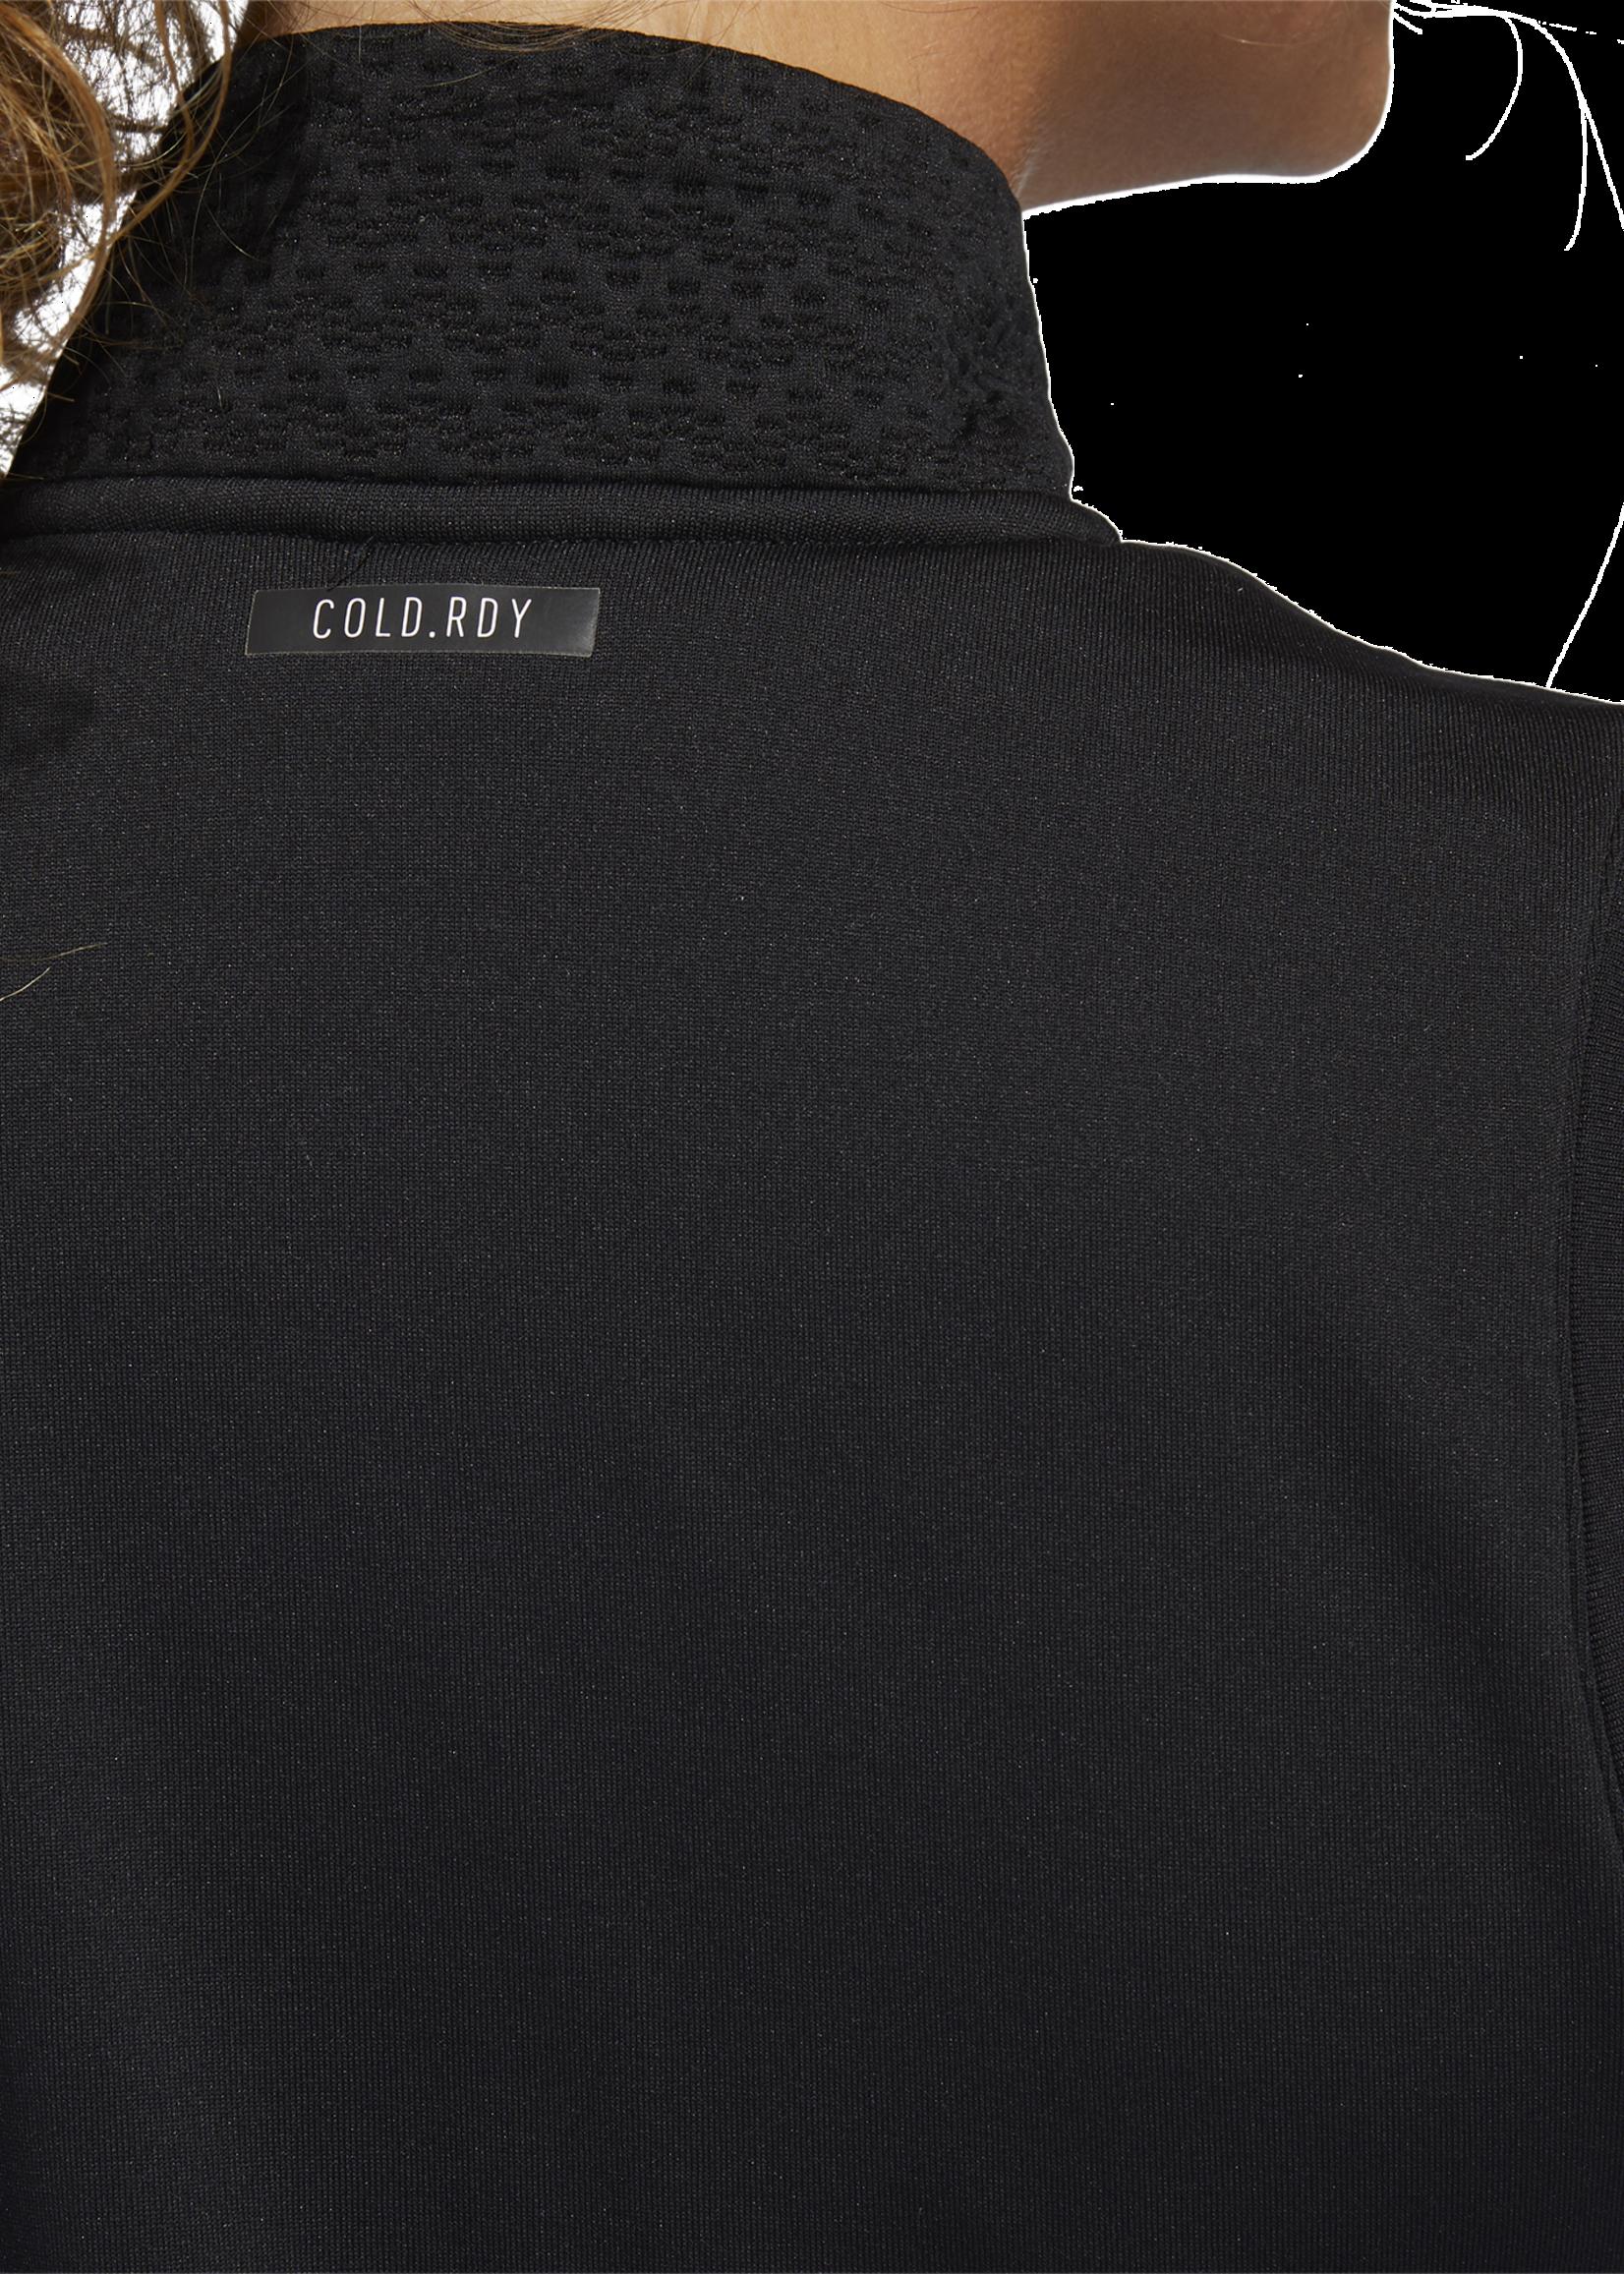 Adidas Adidas Bodywarmer Dames COLD.RDY VEST